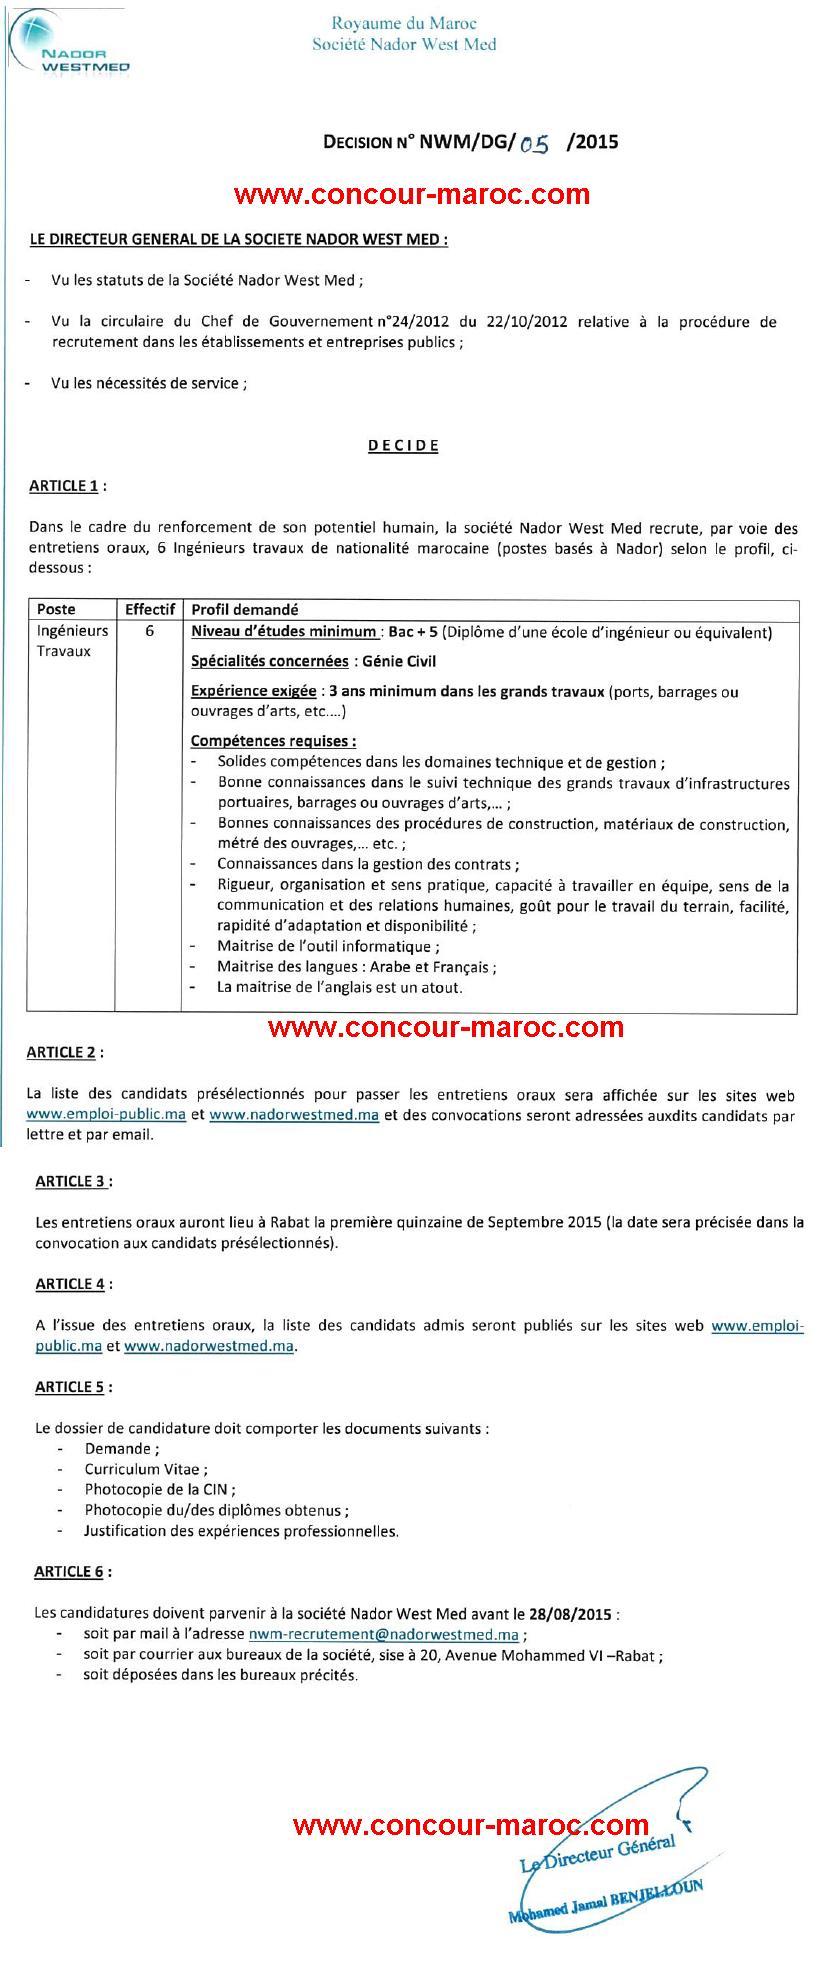 شركة الناظور غرب المتوسط : مباراة لتوظيف مهندس الاشغال (6 مناصب) آخر أجل لإيداع الترشيحات28 غشت 2015 Concou92